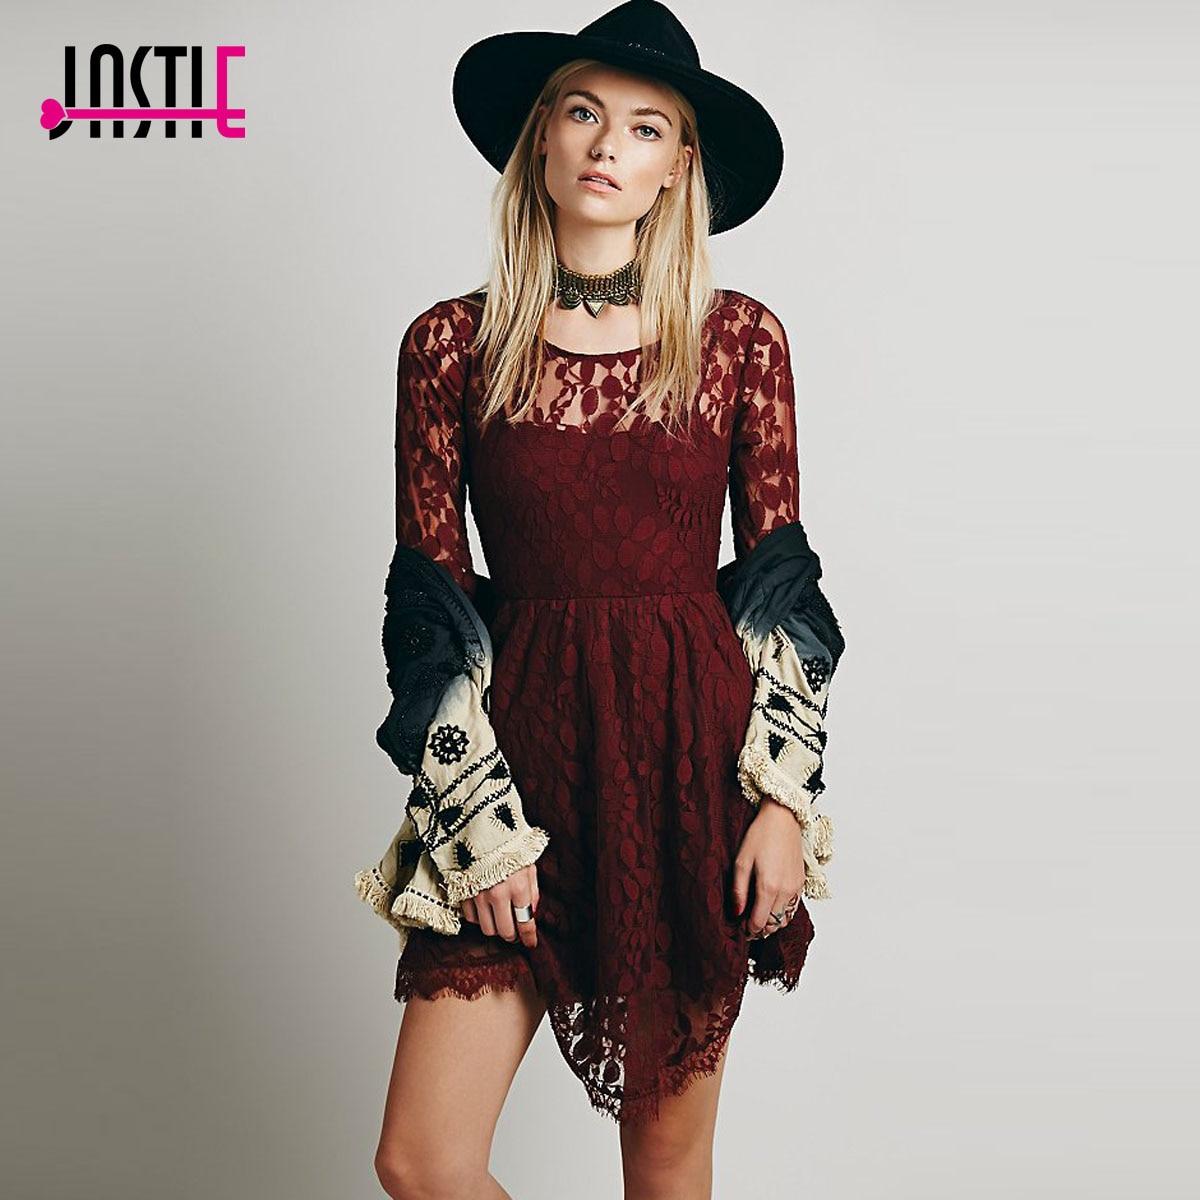 Jastie цветочное Сетчатое летнее платье Boho Хиппи с вышивкой, прозрачные кружевные платья с нижней кромкой, женское платье(без подкладки - Цвет: Красный